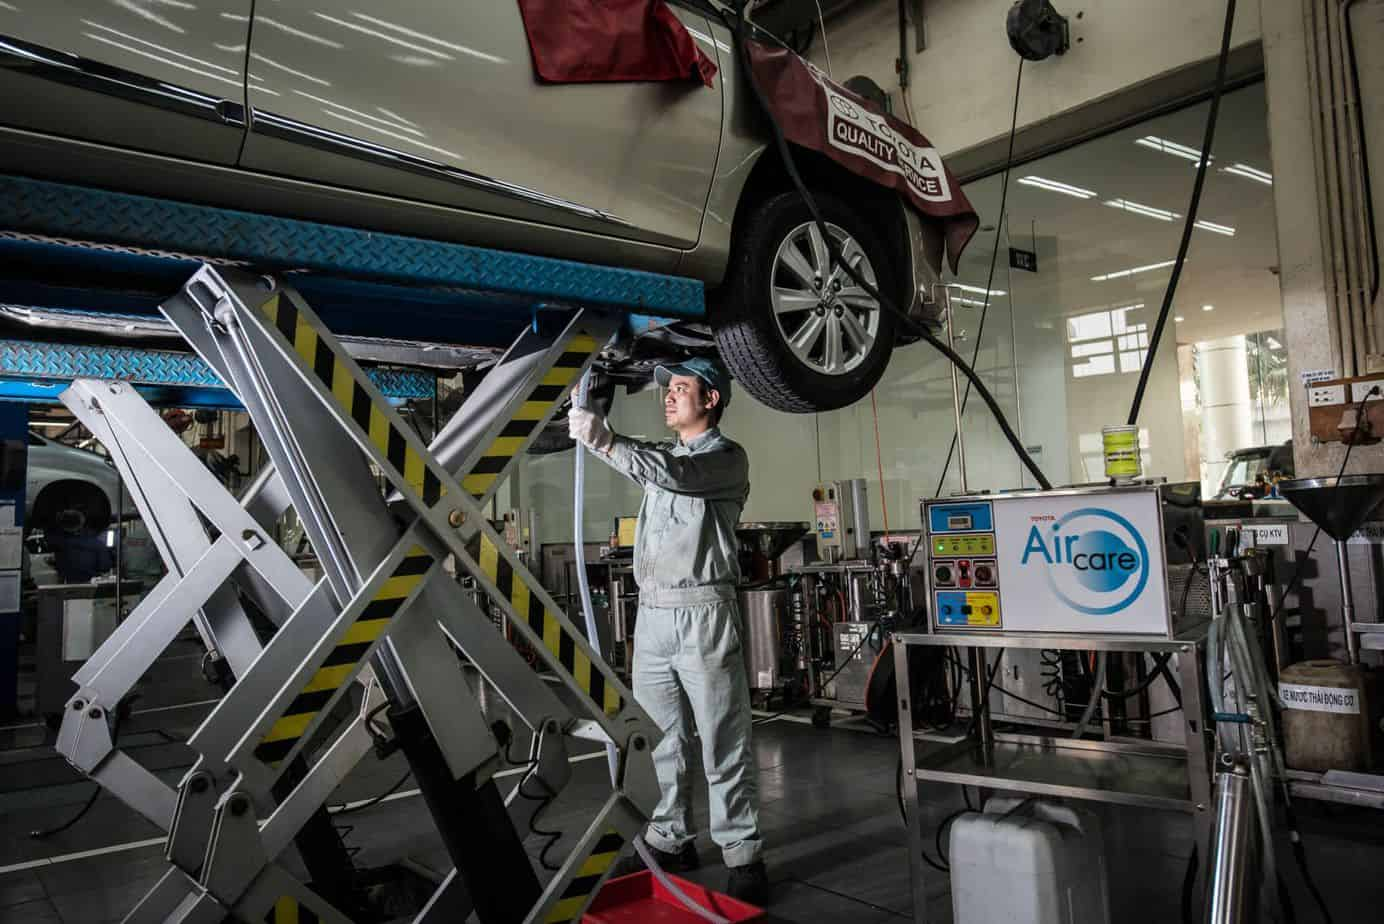 Các bạn hãy chọn trung tâm sửa chữa, bảo dưỡng xe ôtô Vios hoạt động lâu năm